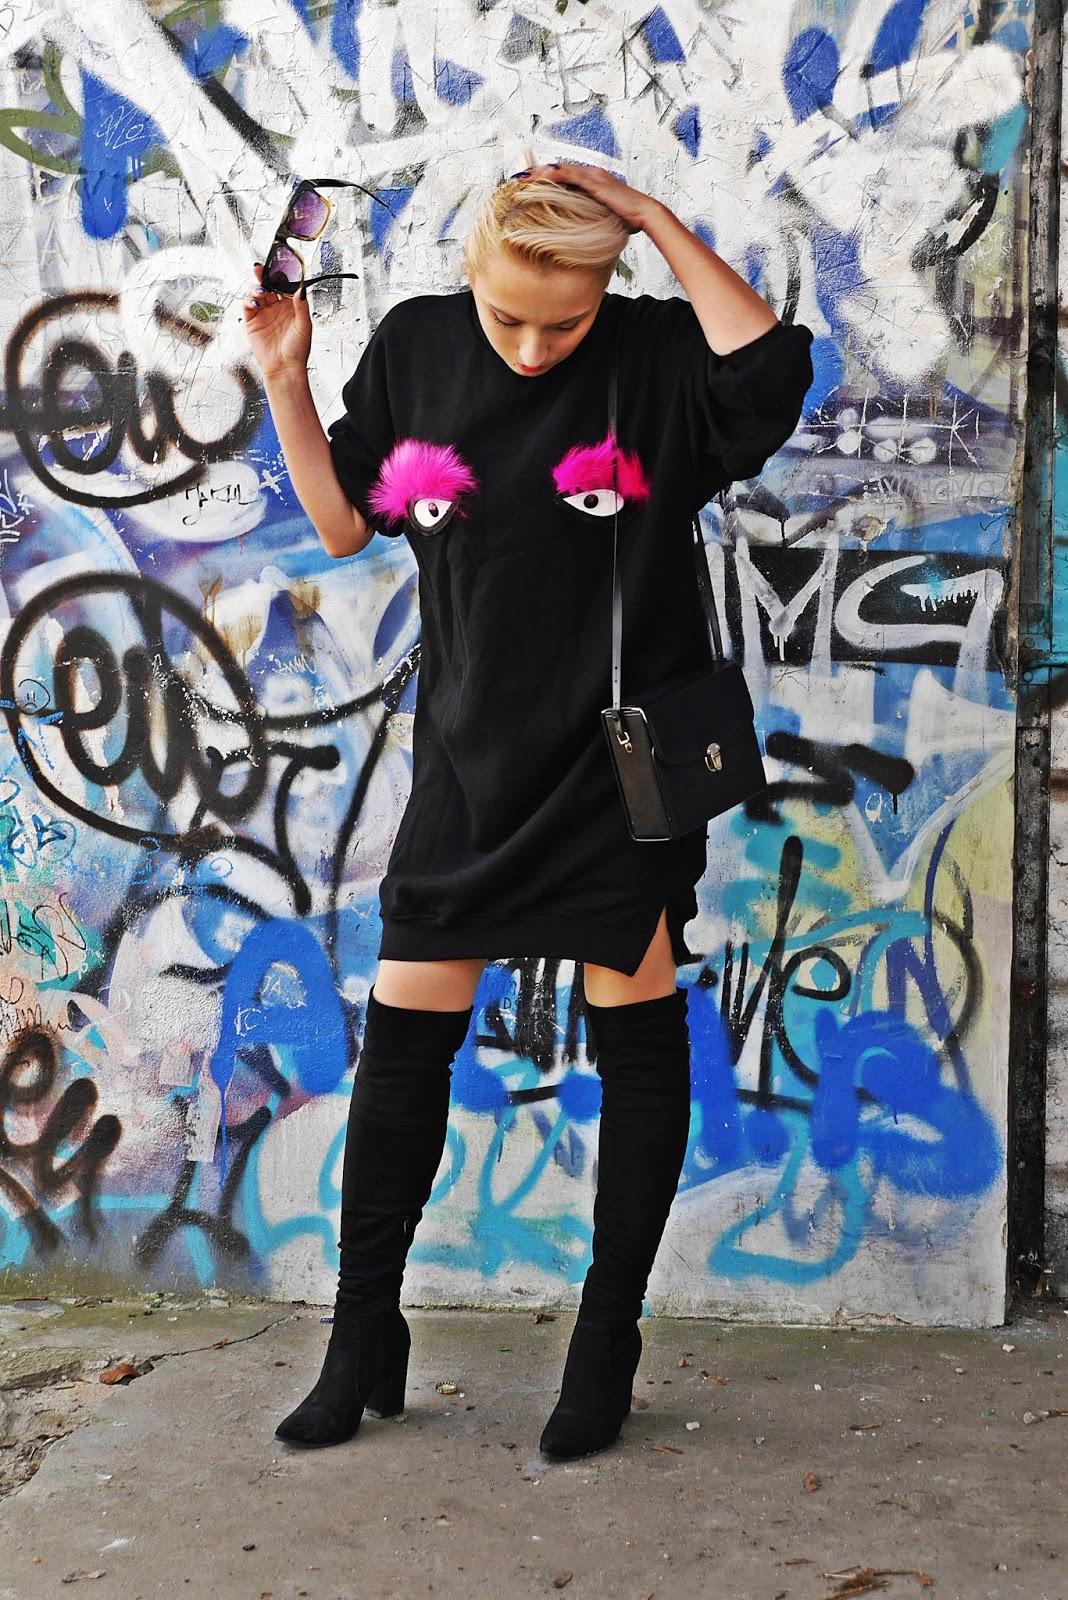 czarna_dluga_bluza_sukienka_oczy_karyn_blog_modowy_090217ac